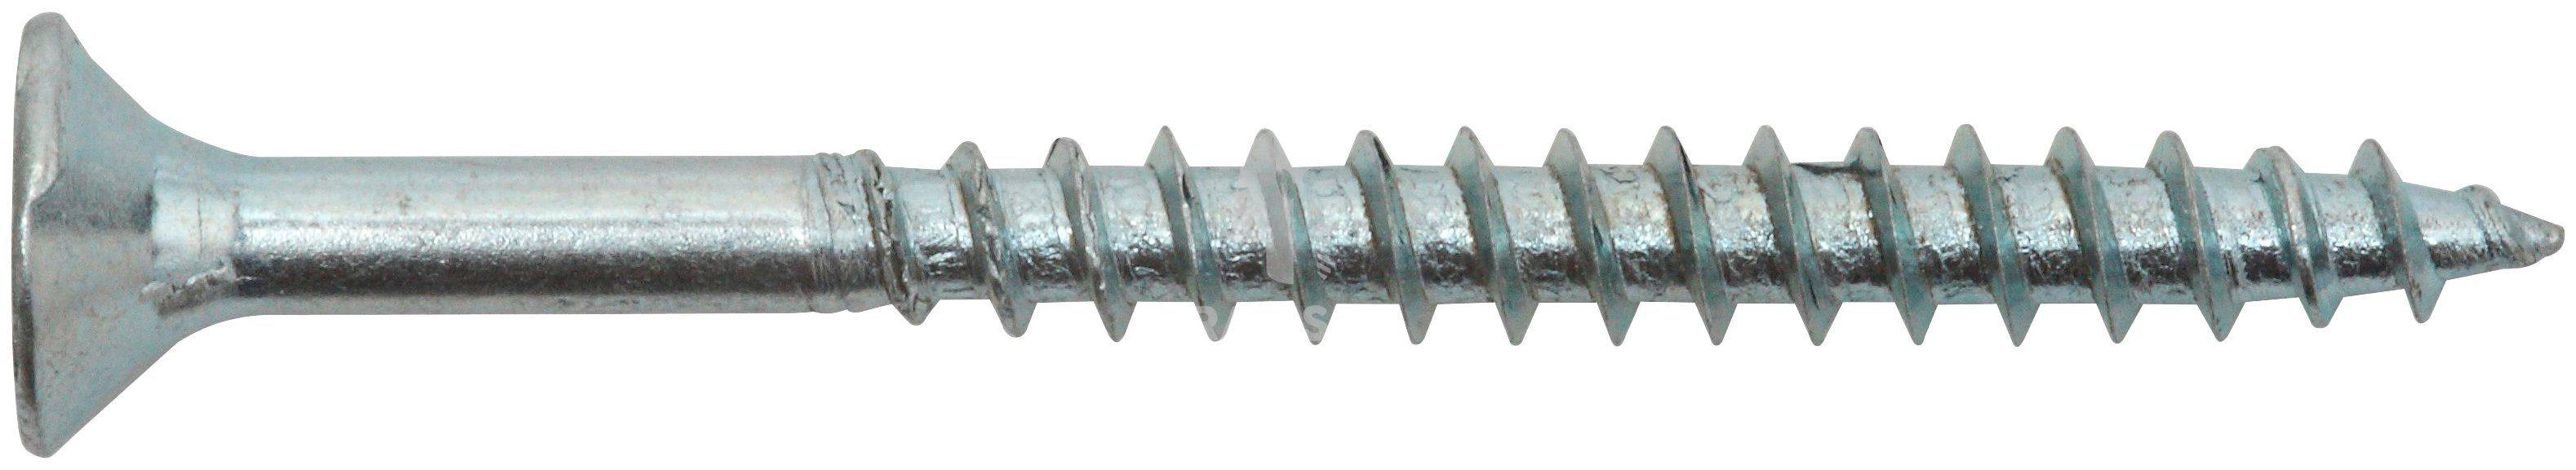 RAMSES Schrauben , Spanplattenschraube 6 x 90 mm PZ3 50 Stk.